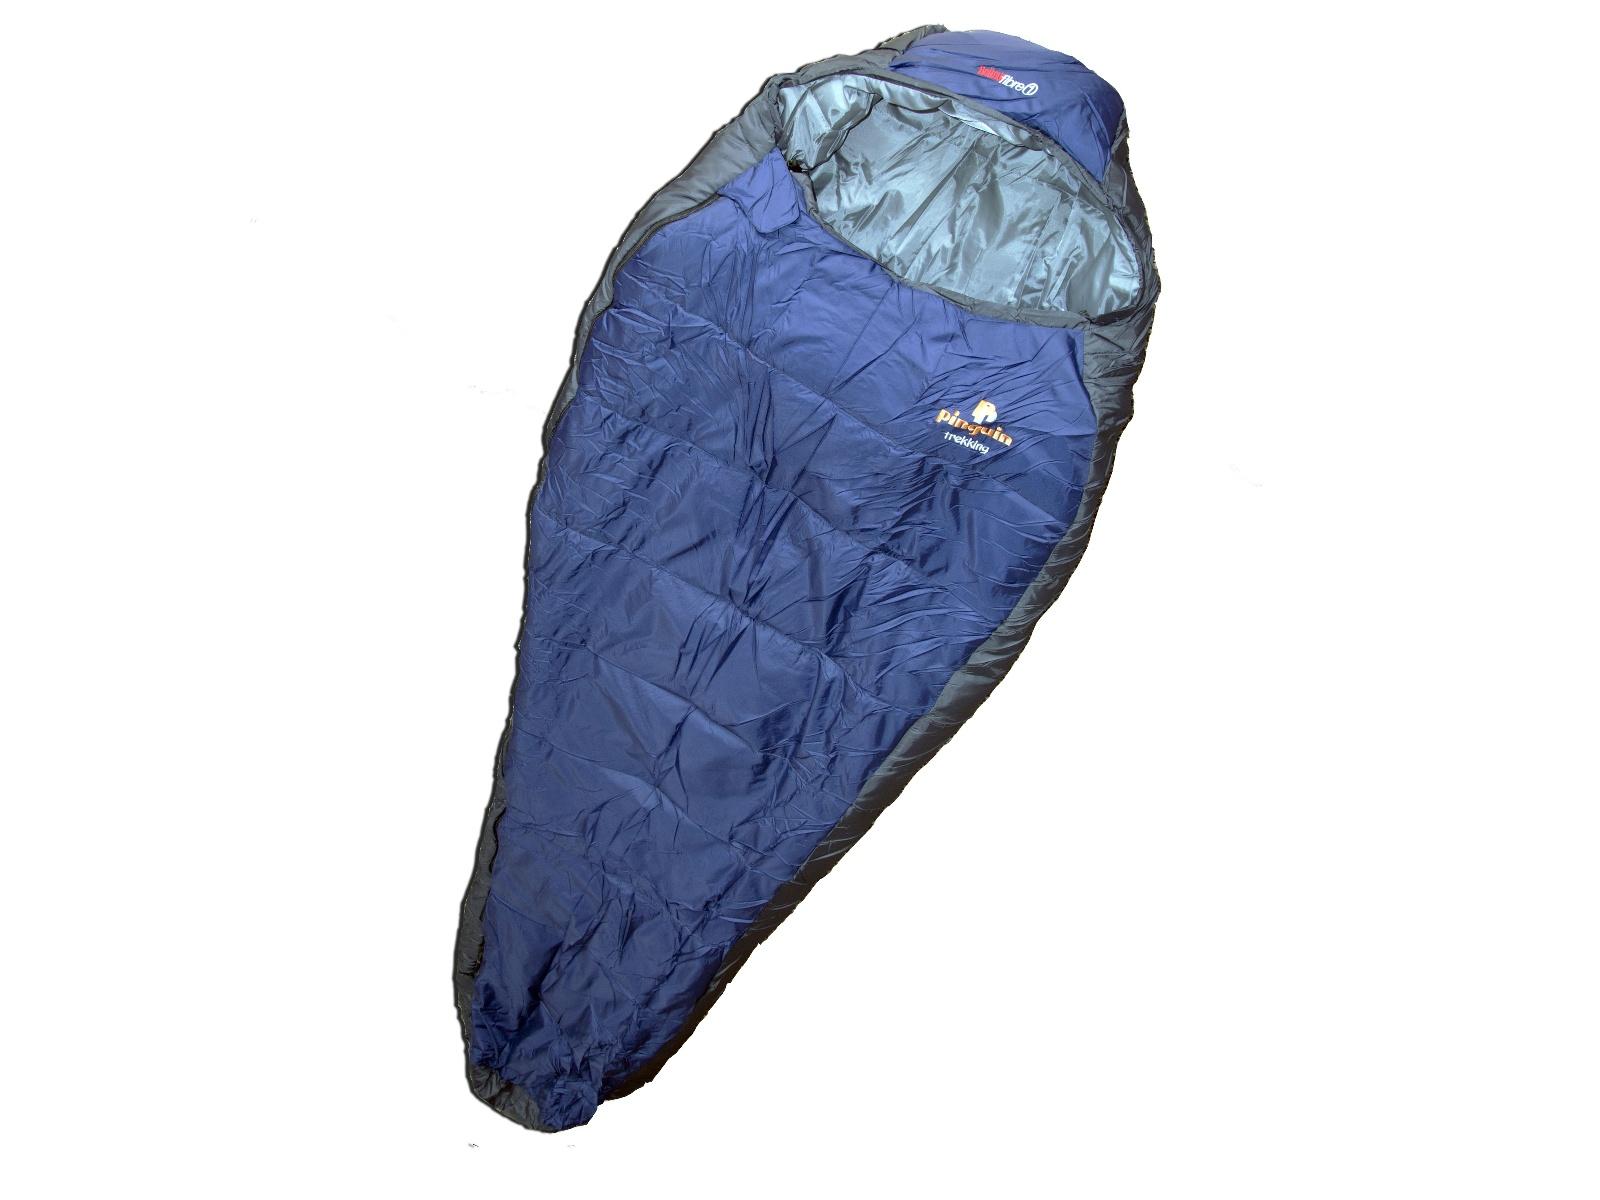 Spací pytel PINGUIN Trekking 190 cm modro-šedý - pravý zip